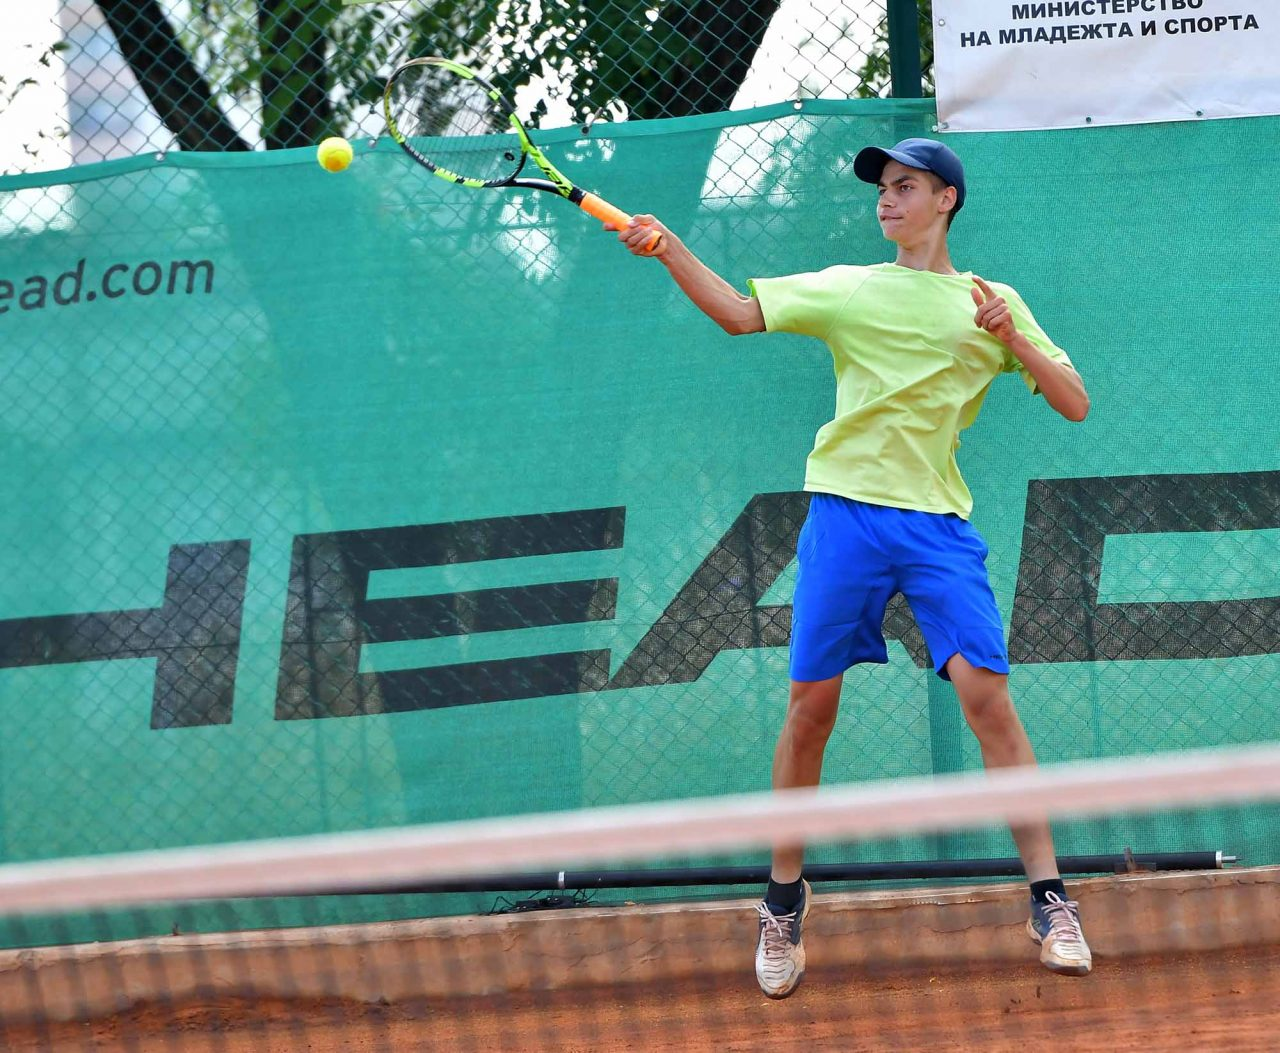 Държавно първенство тенис до 14 год. ТК 15-40 момчета (5)